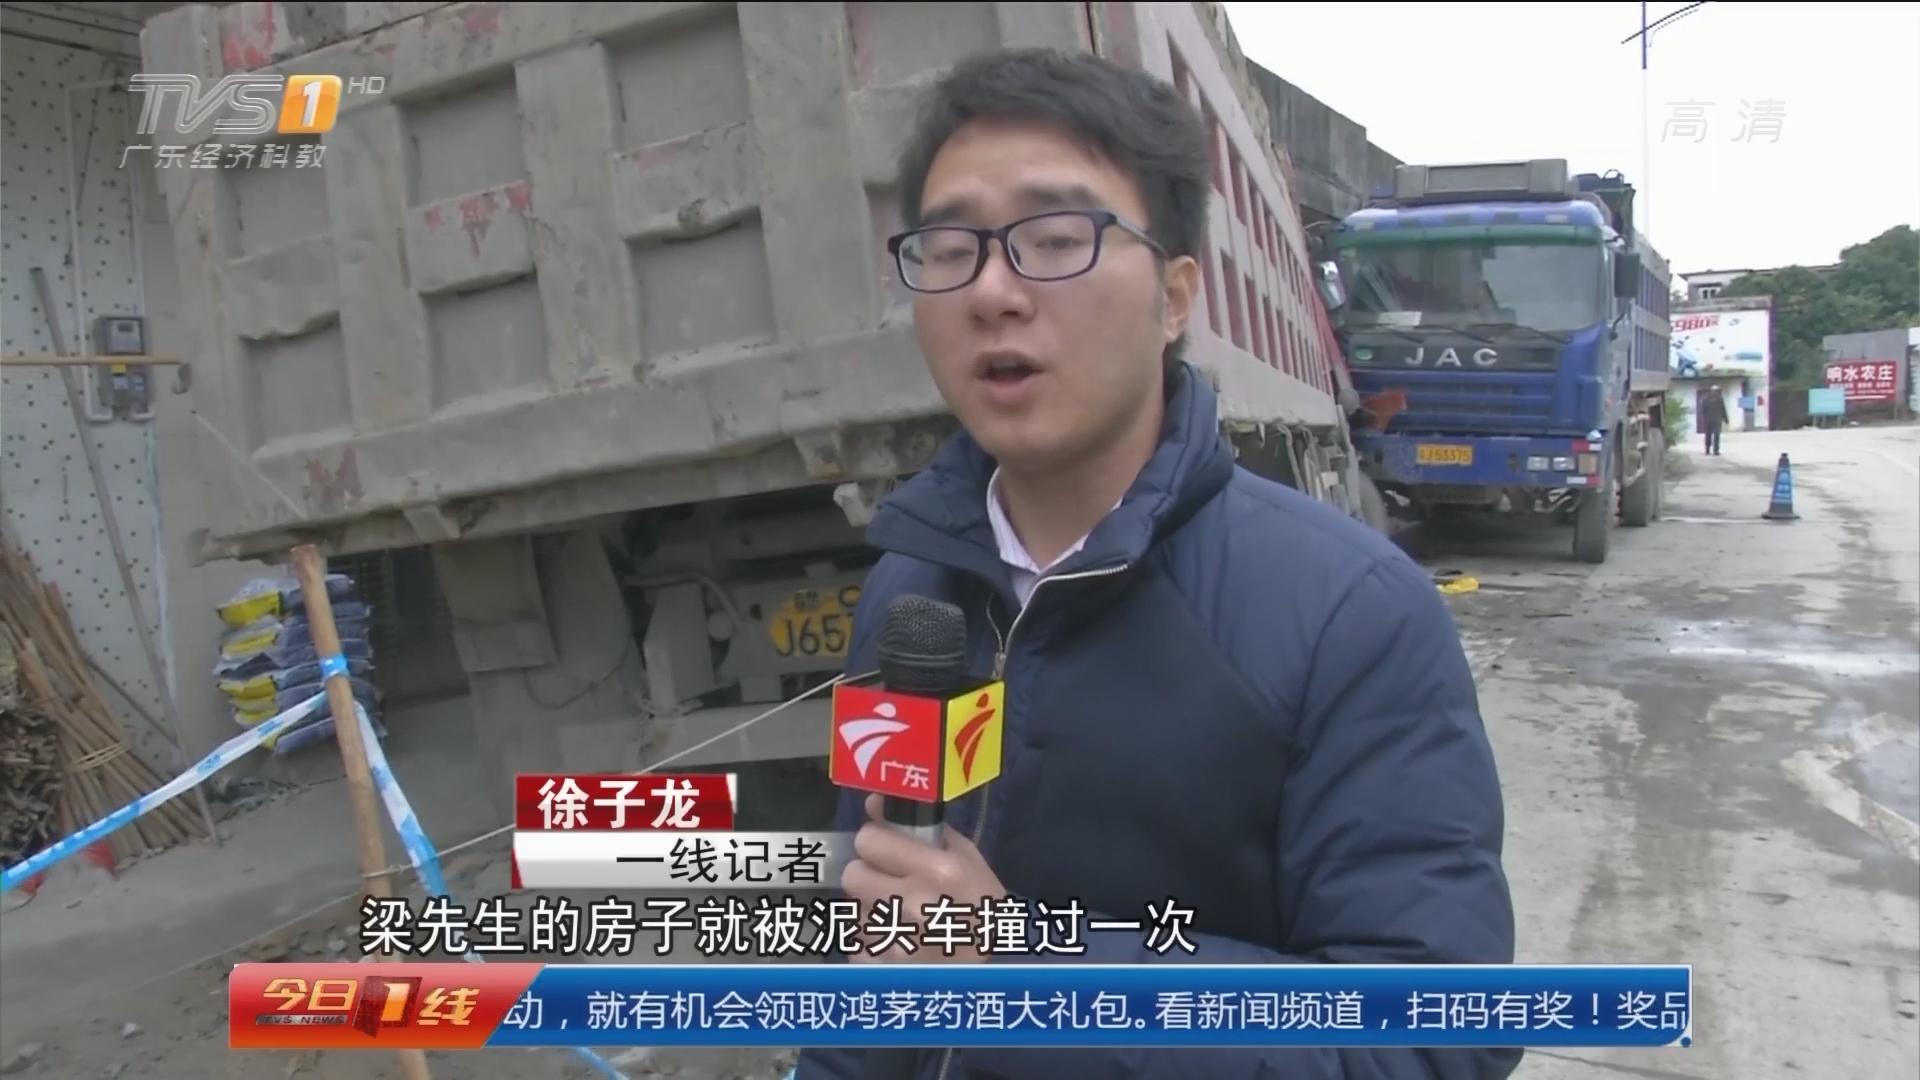 江门恩平:泥头车夜撞民房 幸无伤亡